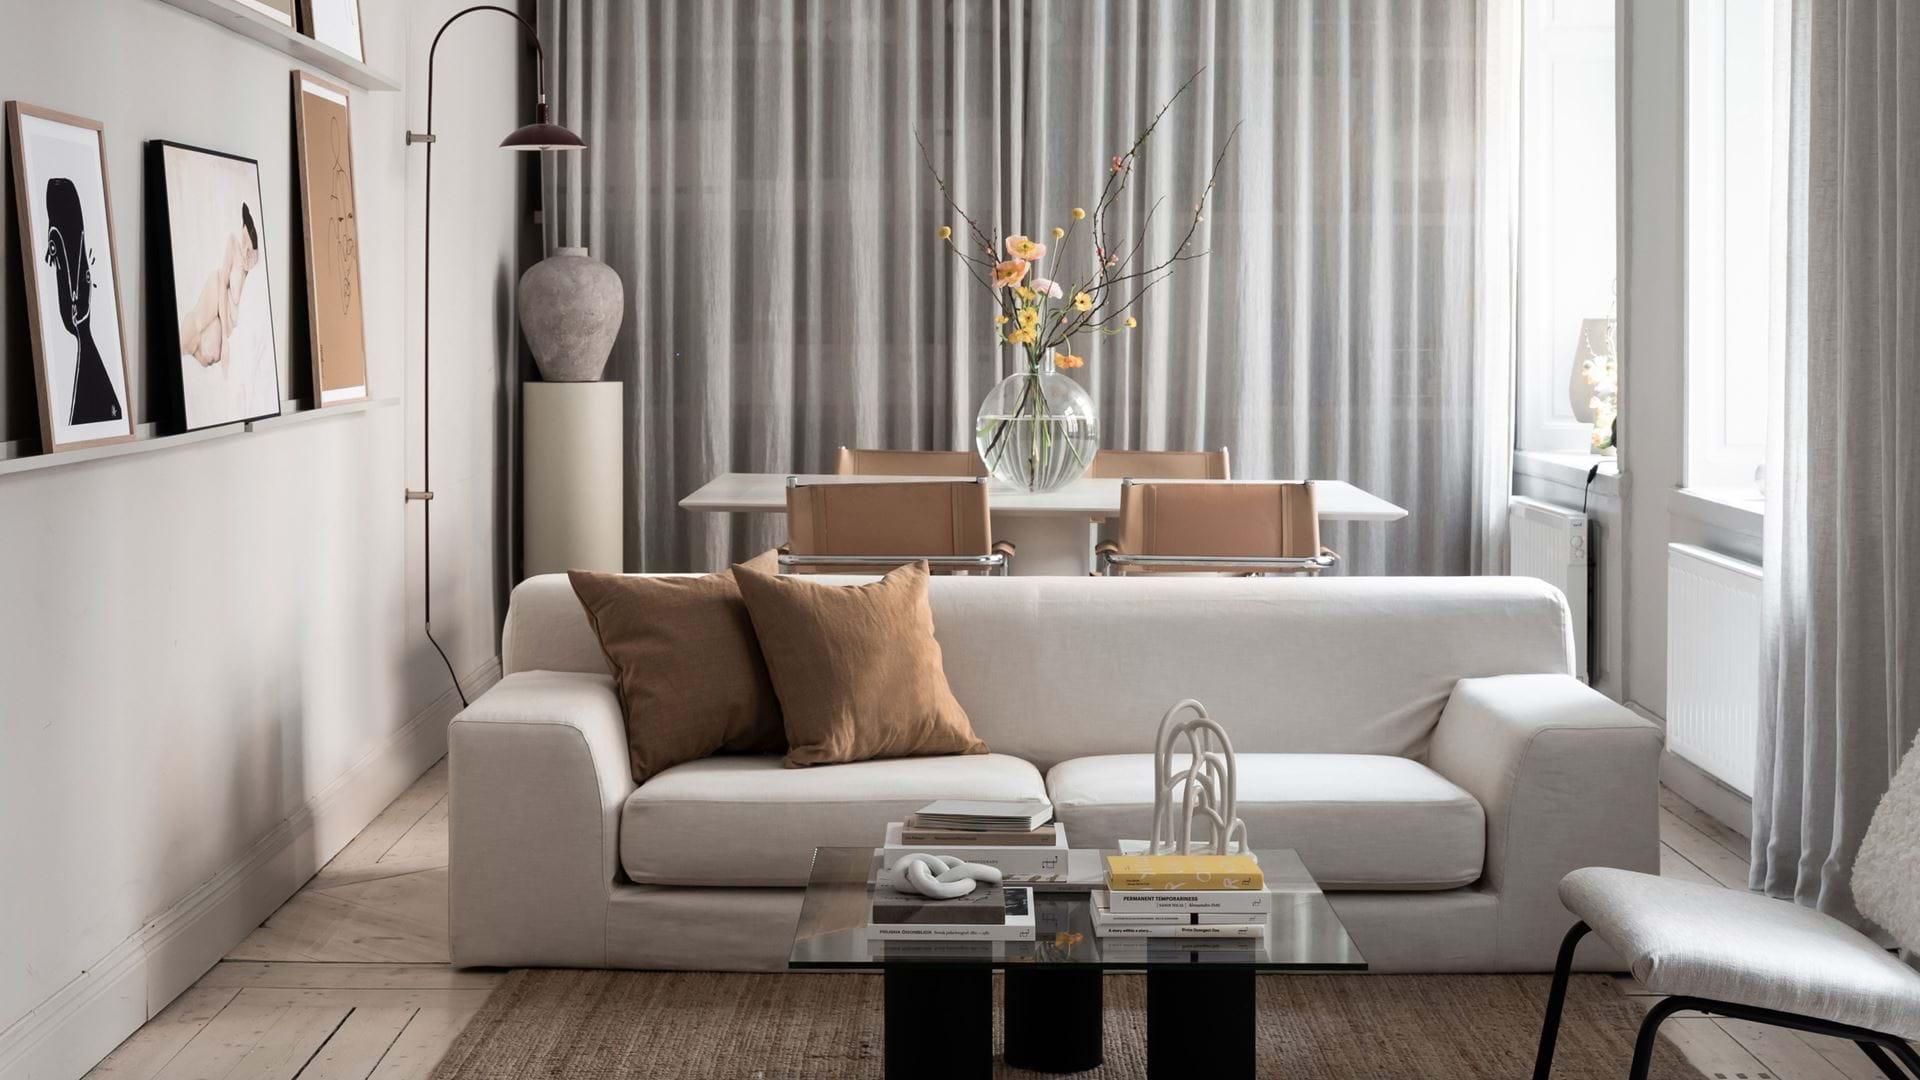 Prime Ikea Kramfors 2 Seater Sofa Cover Bemz Bemz Evergreenethics Interior Chair Design Evergreenethicsorg